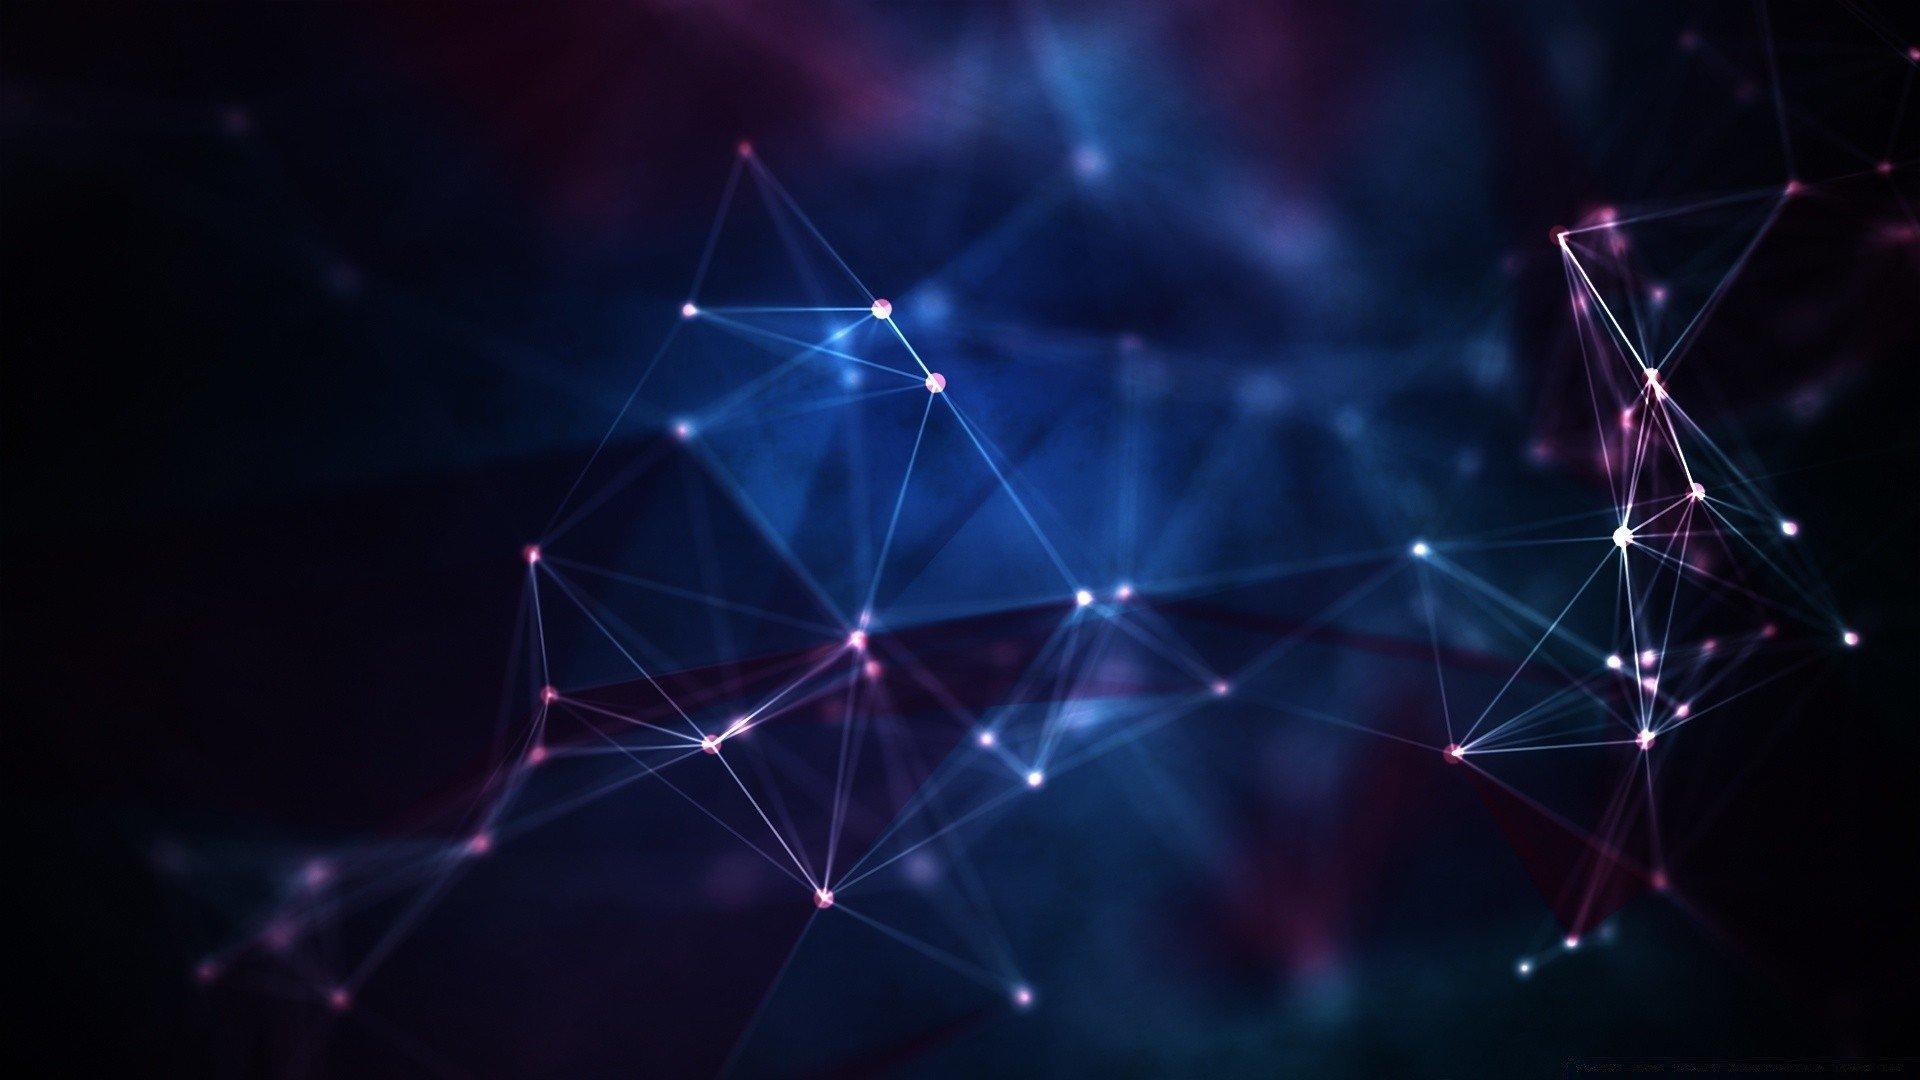 Plexus Image Image